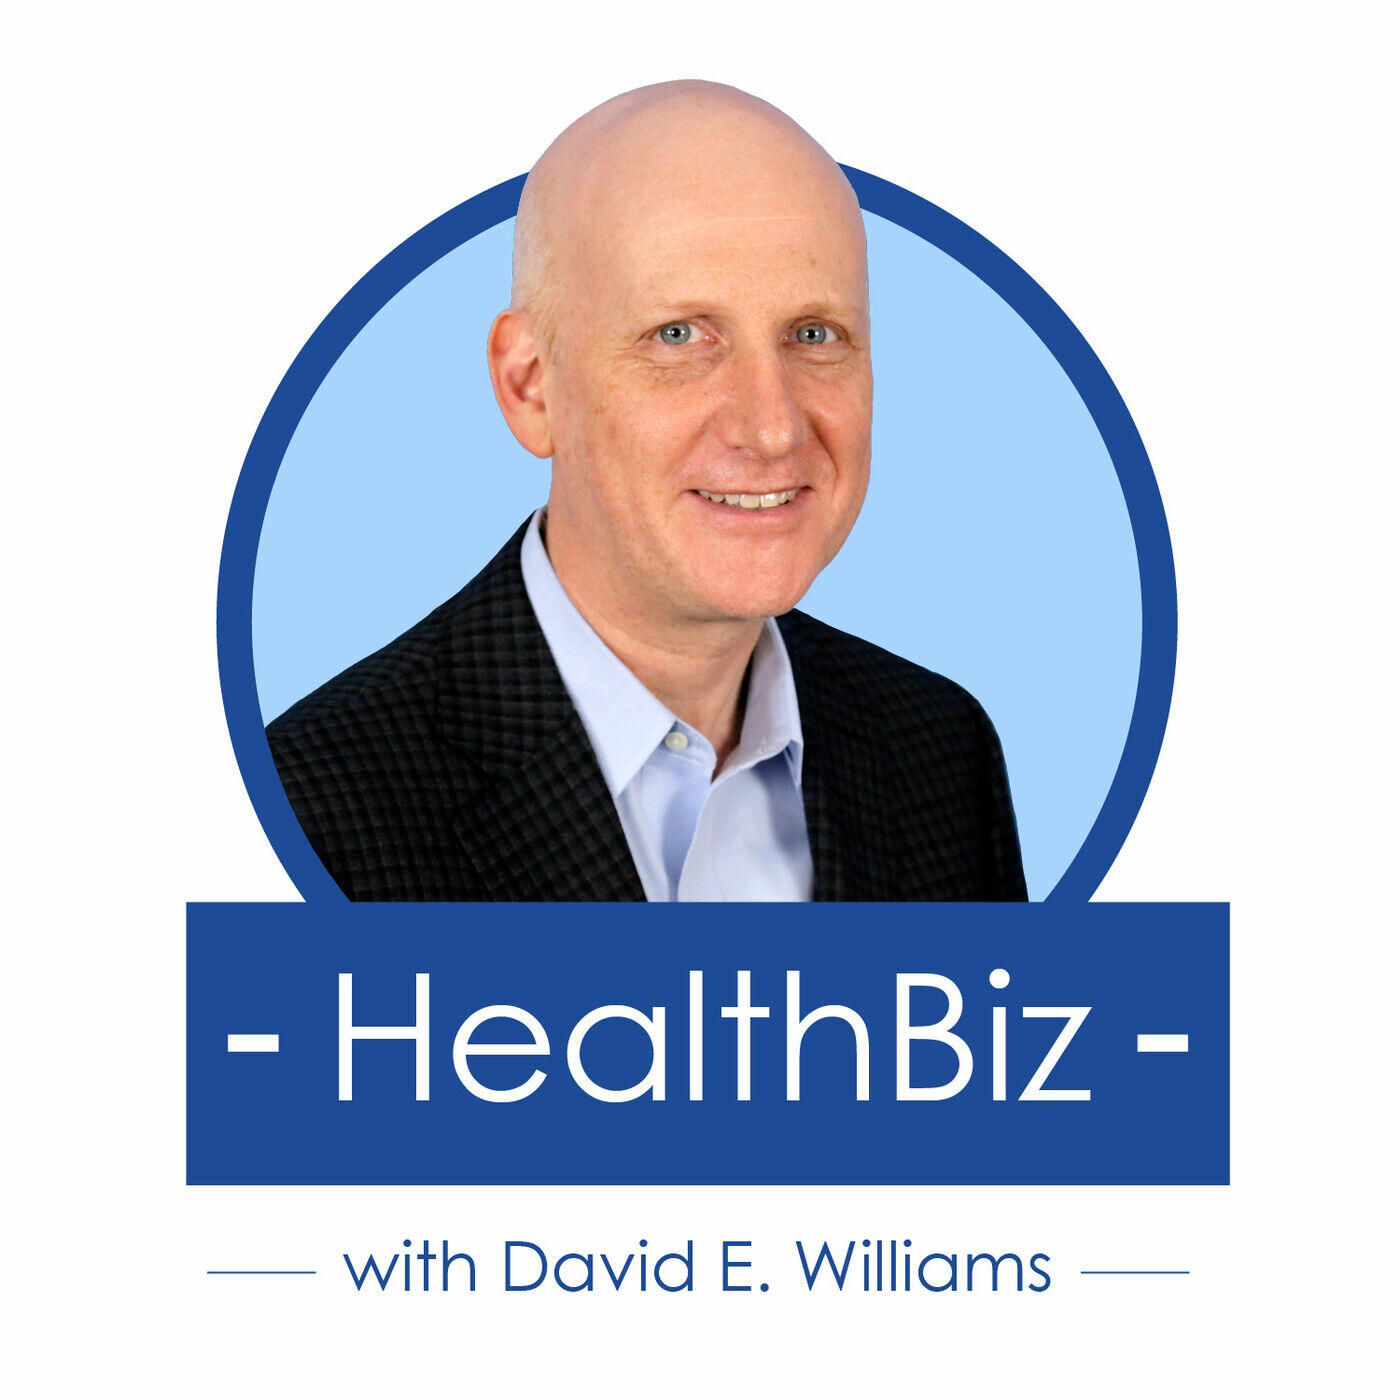 HealthBiz with David E. Williams